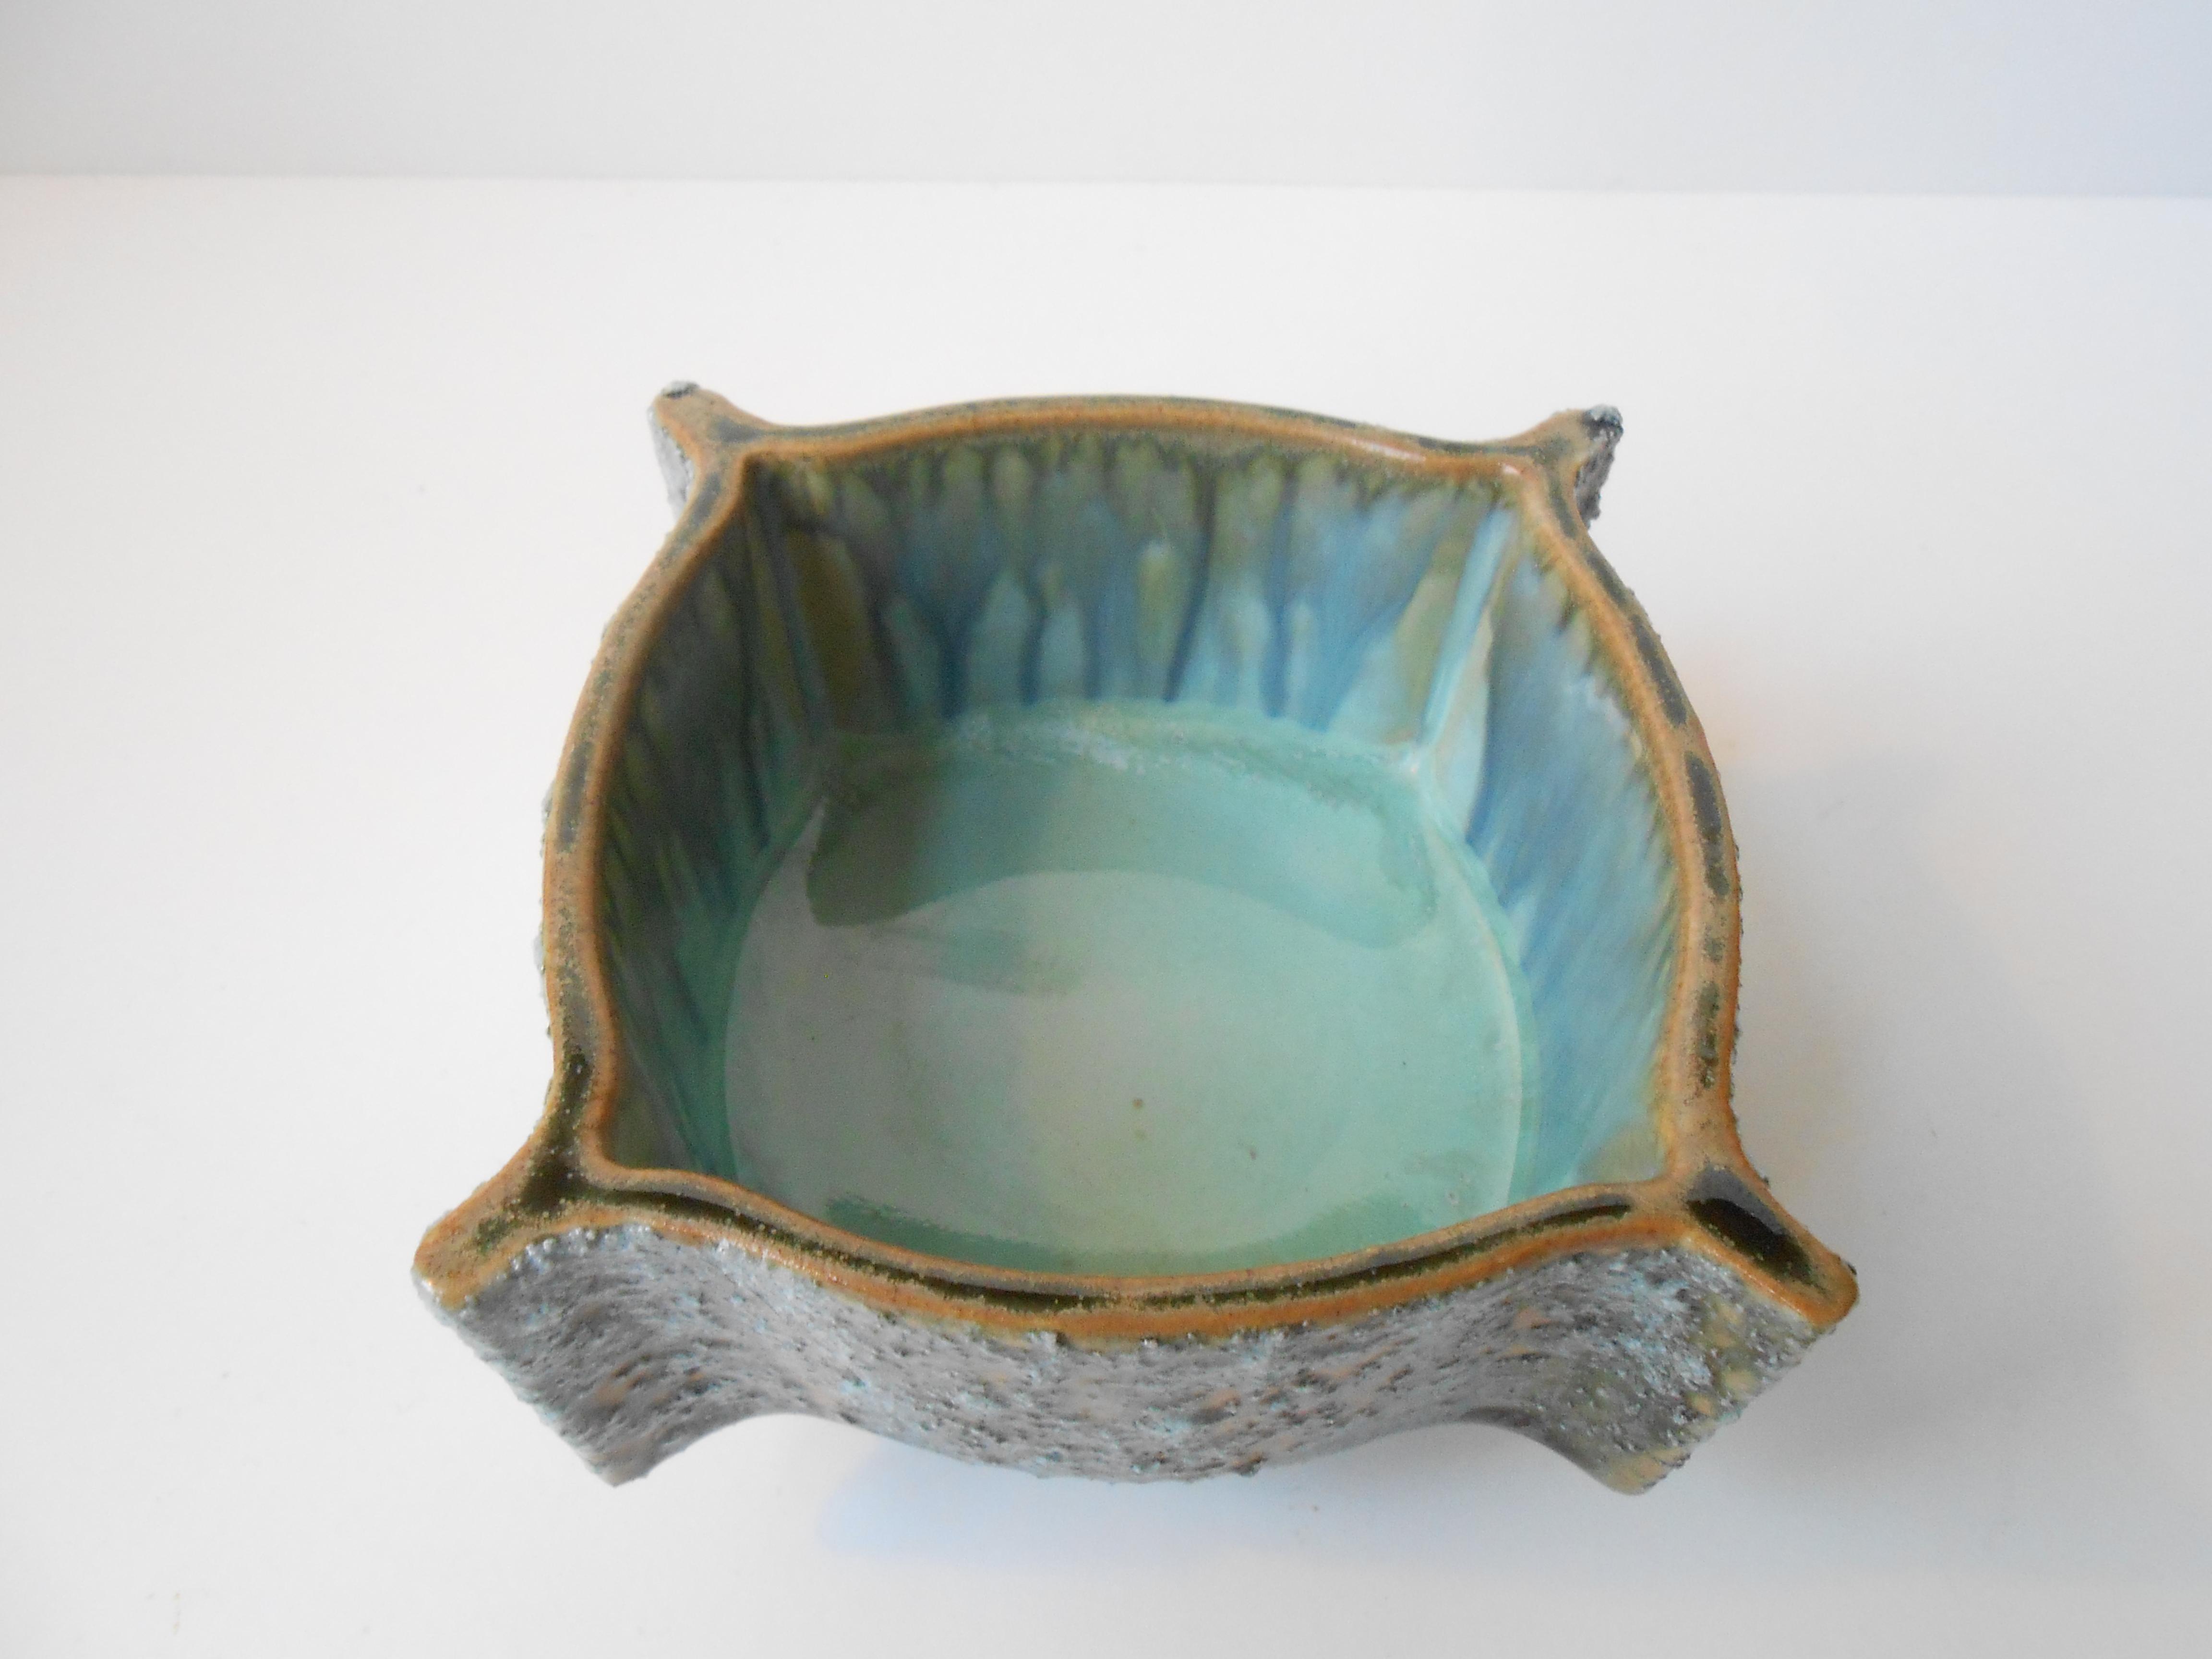 japansk keramik Turkis skål i keramik: Japan 1960 70 – retro design.dk japansk keramik